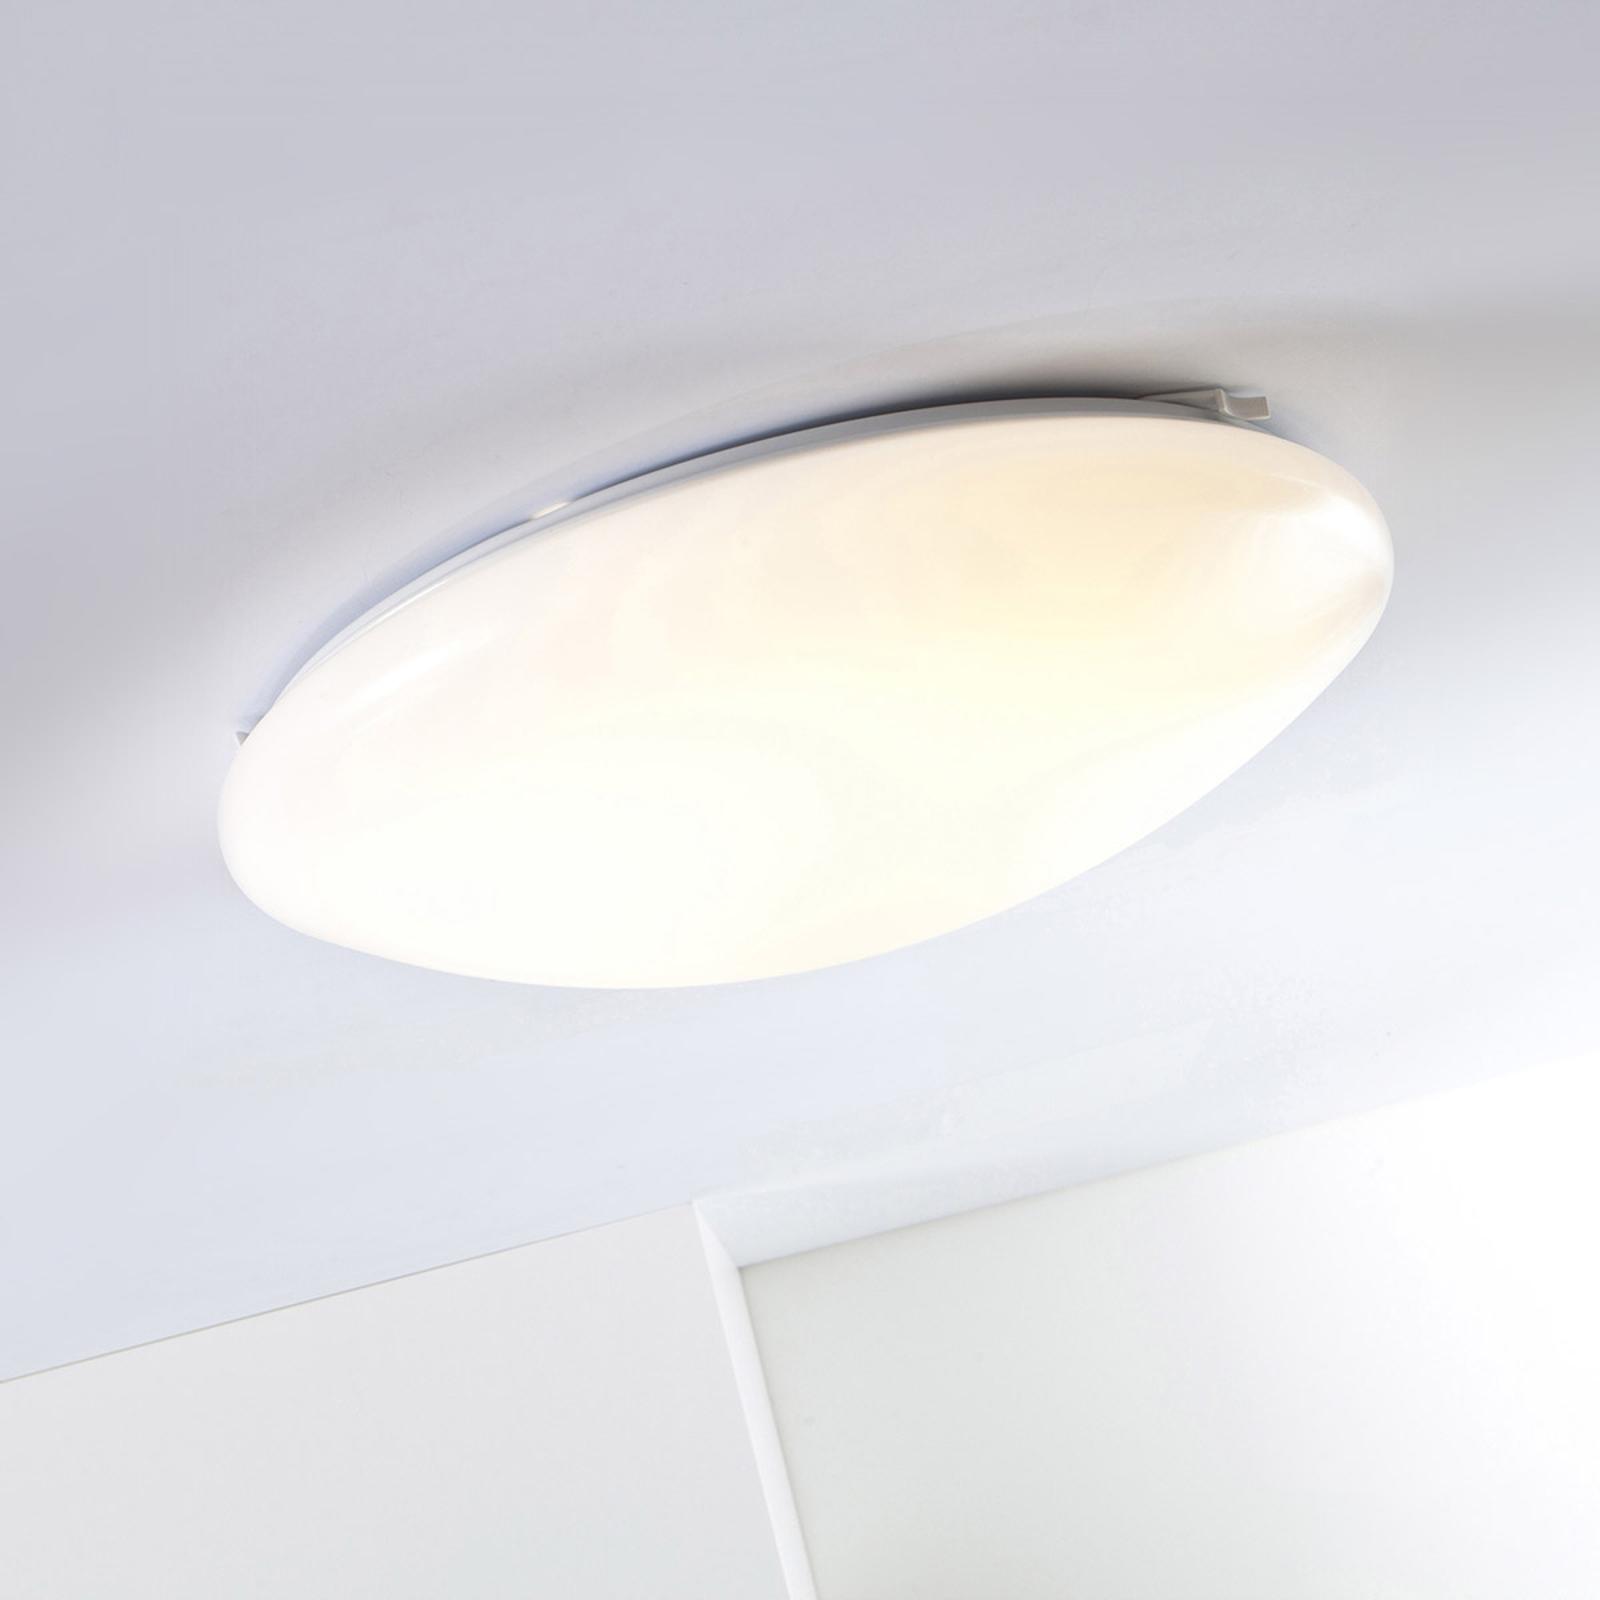 AEG LED Basic - rund LED loftlampe, 22 W